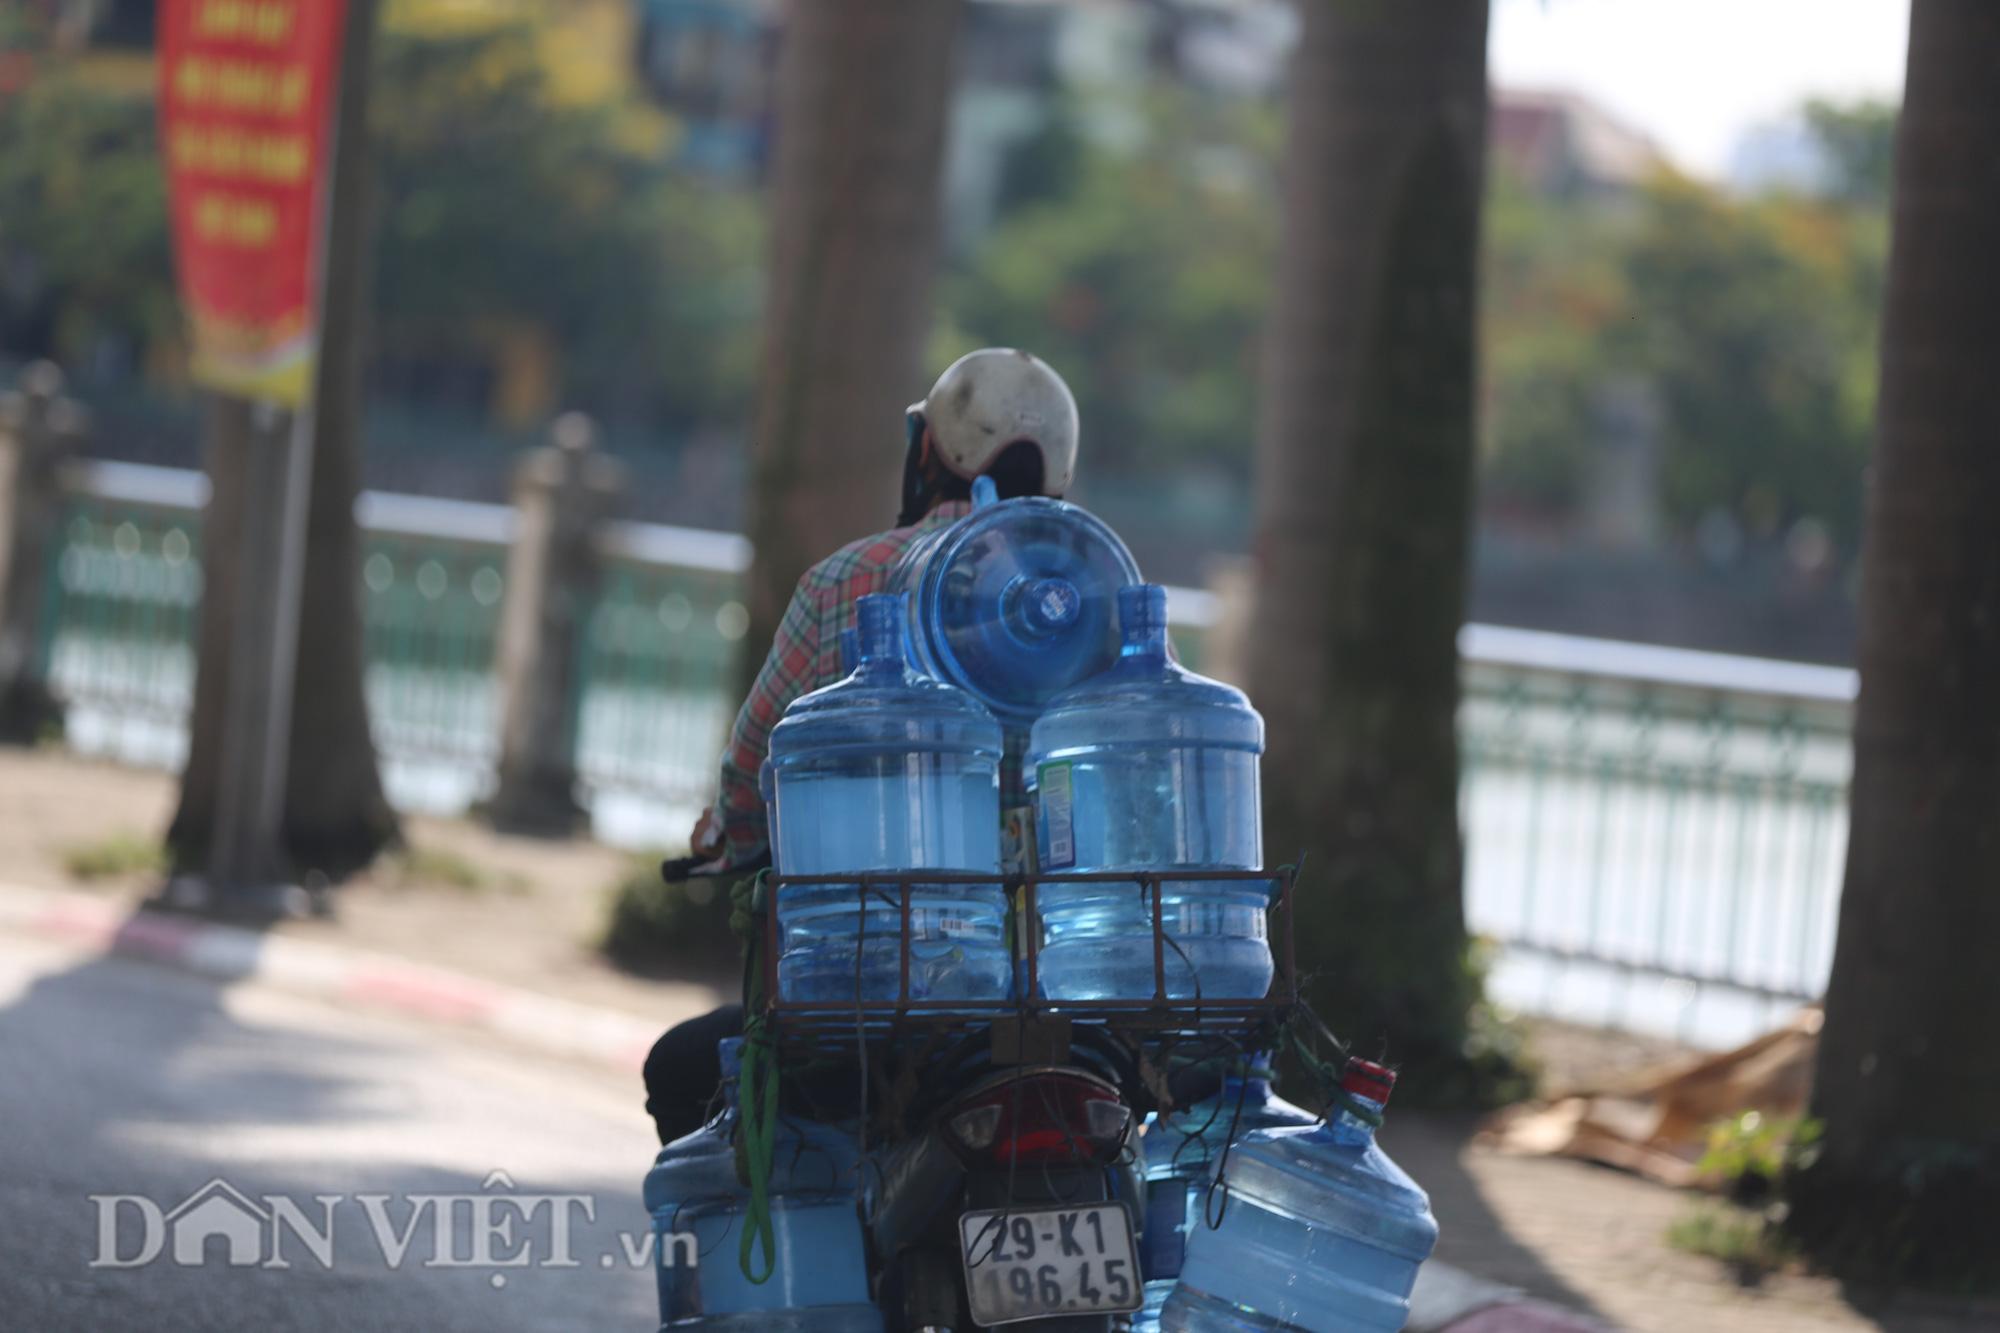 """Đường phố Hà Nội """"bốc hơi"""", người đi đường khốn khổ trong cái nắng 42 độ C - Ảnh 12."""